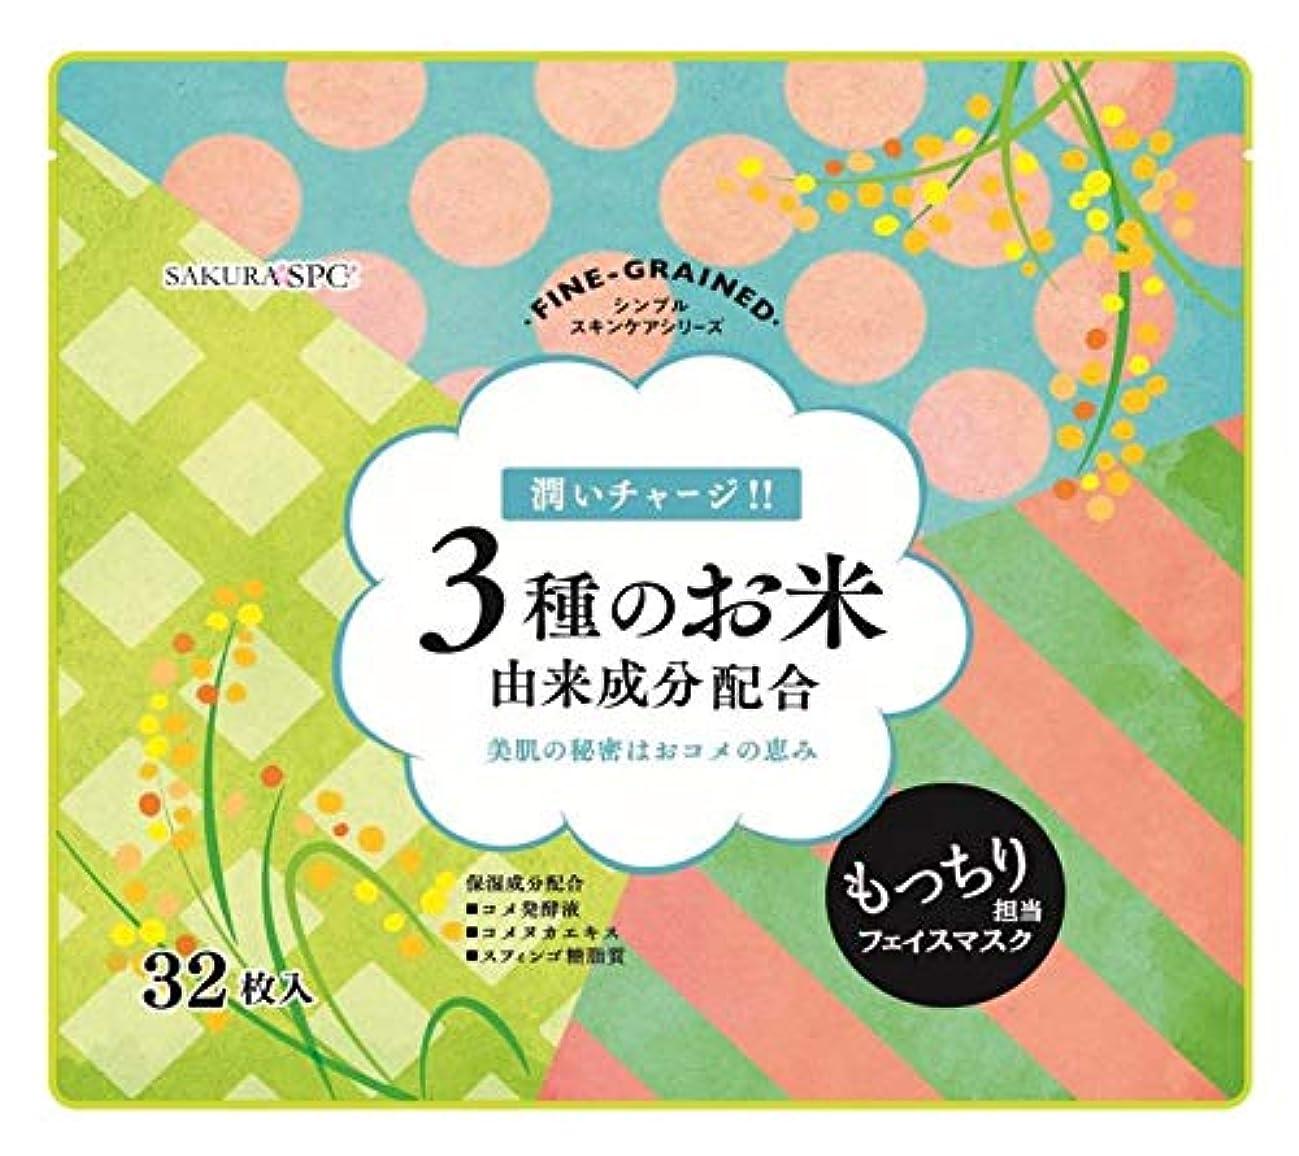 ストロー結晶神聖3種のお米 由来成分配合 フェイス マスク 32枚入り (FINE GRAINED) シンプルスキンケアシリーズ